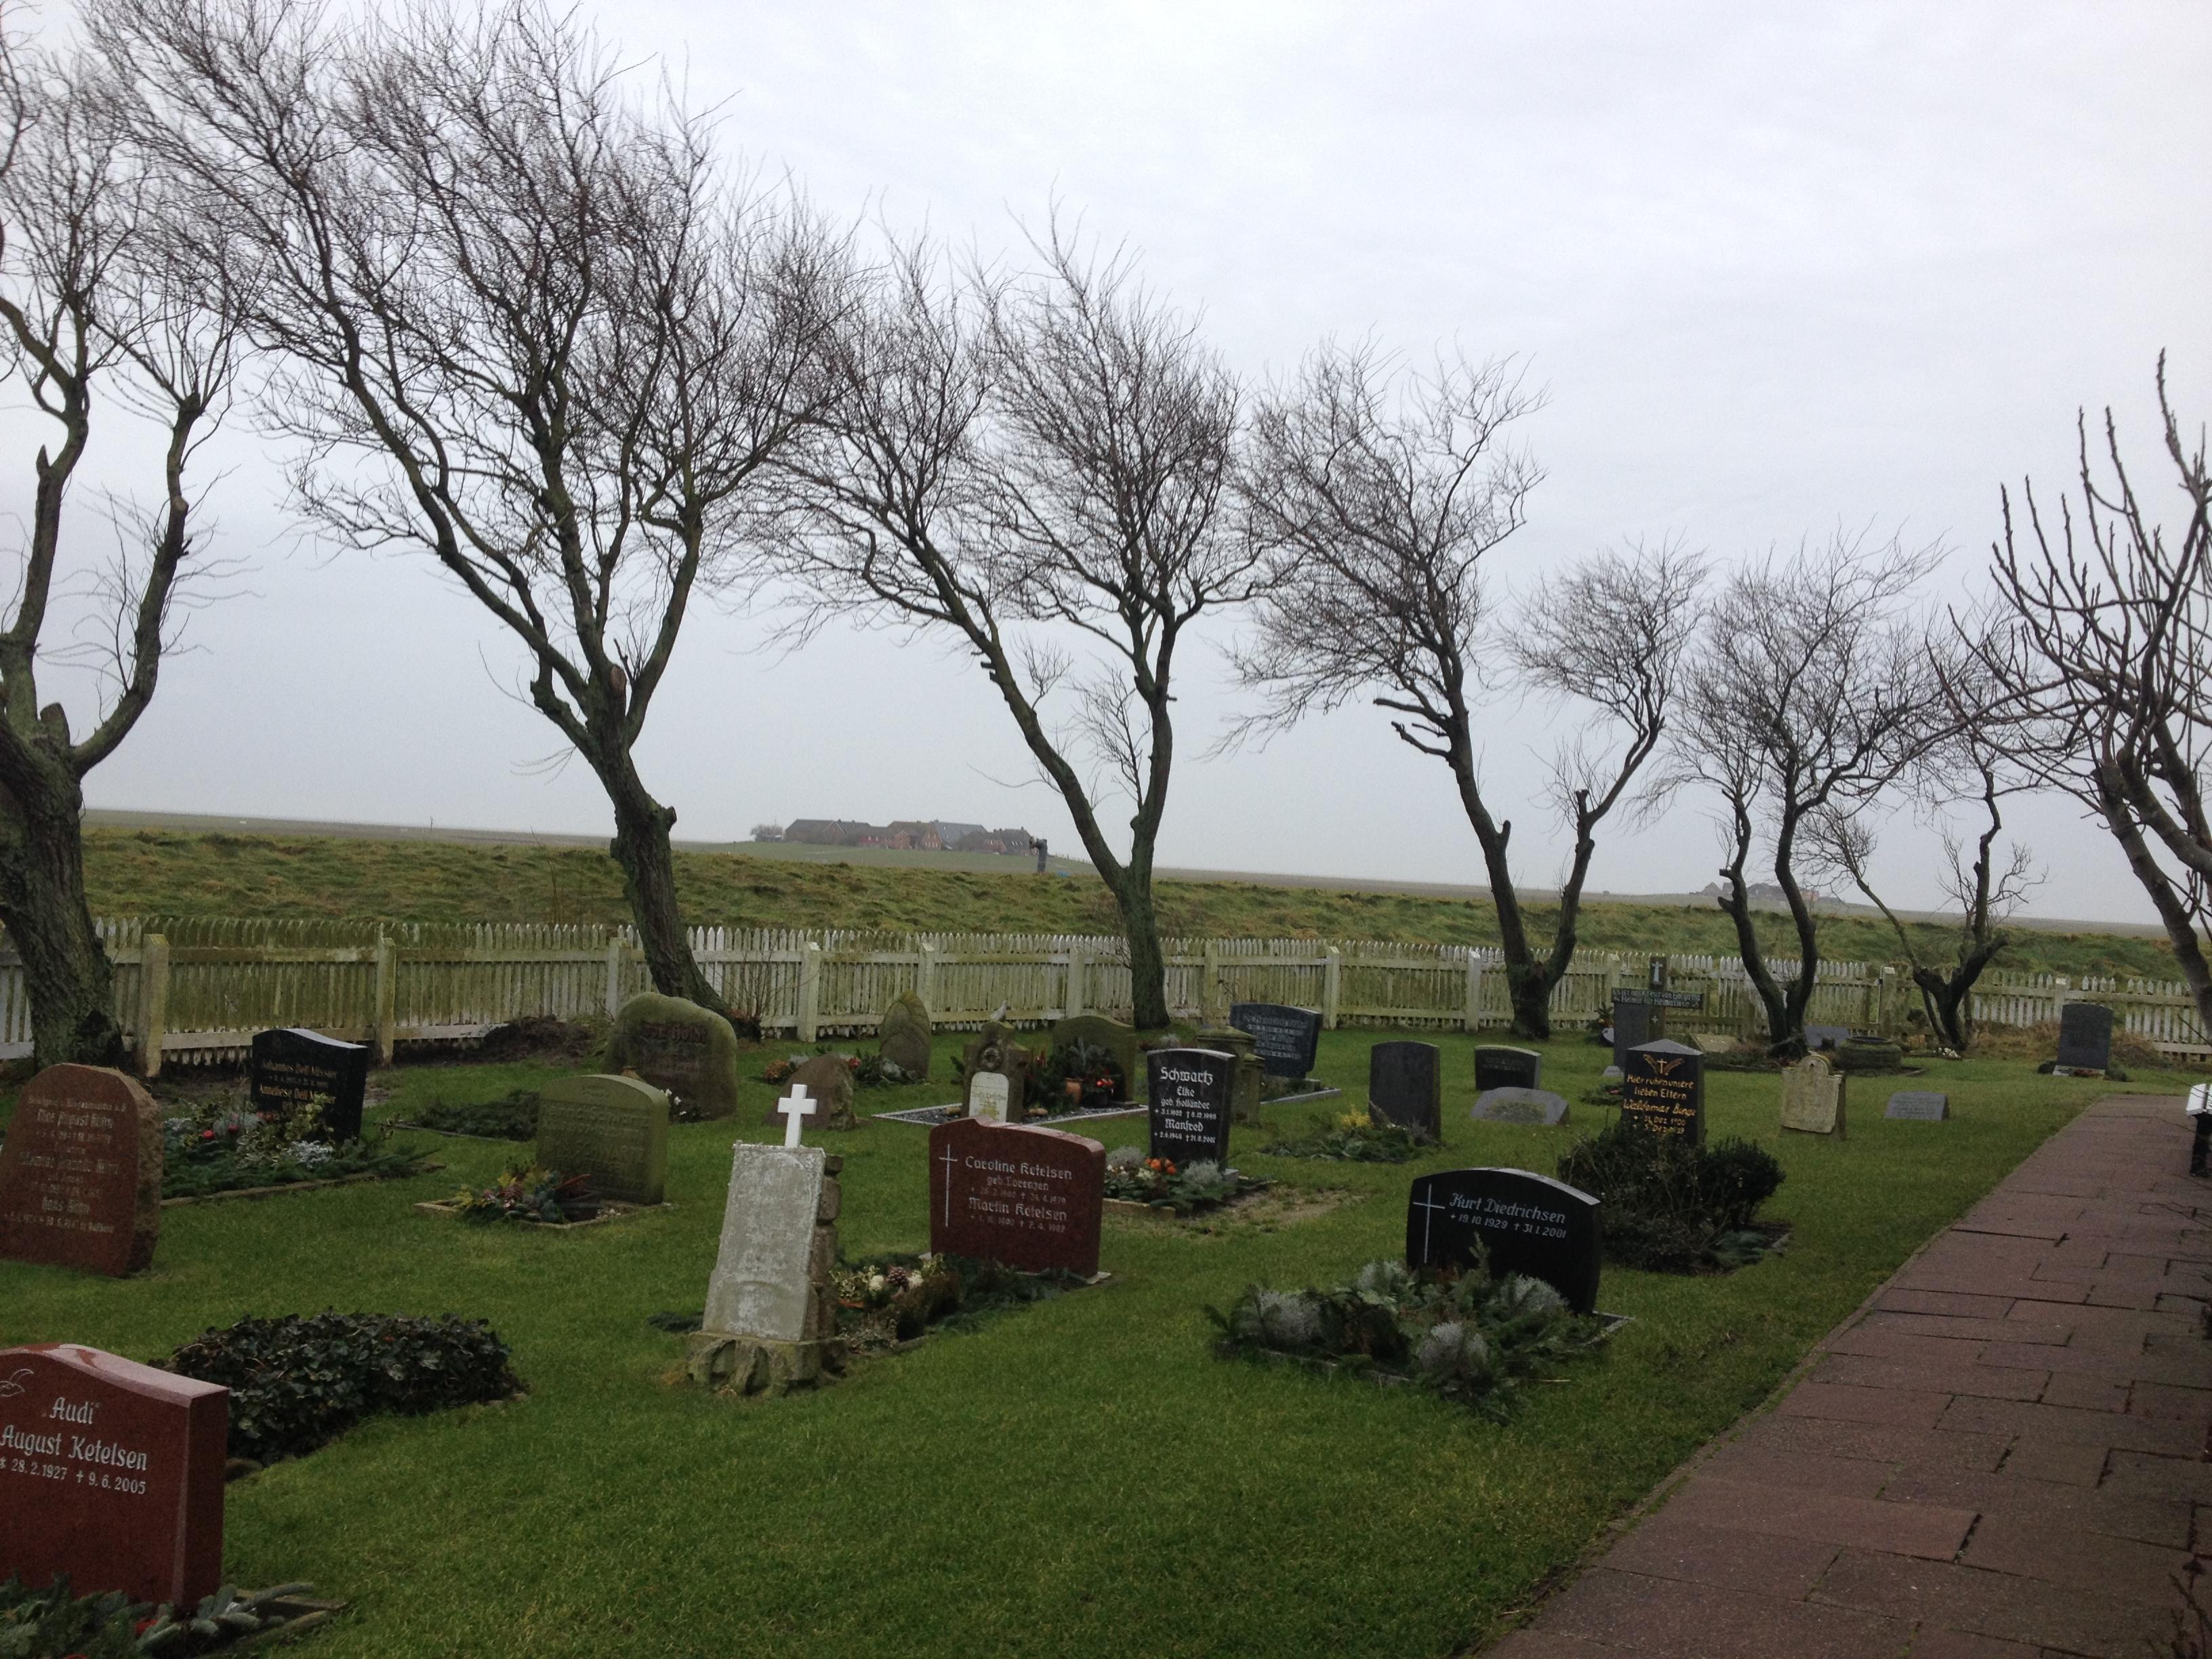 der Friedhof hat schon stürmische Zeiten gesehen ...